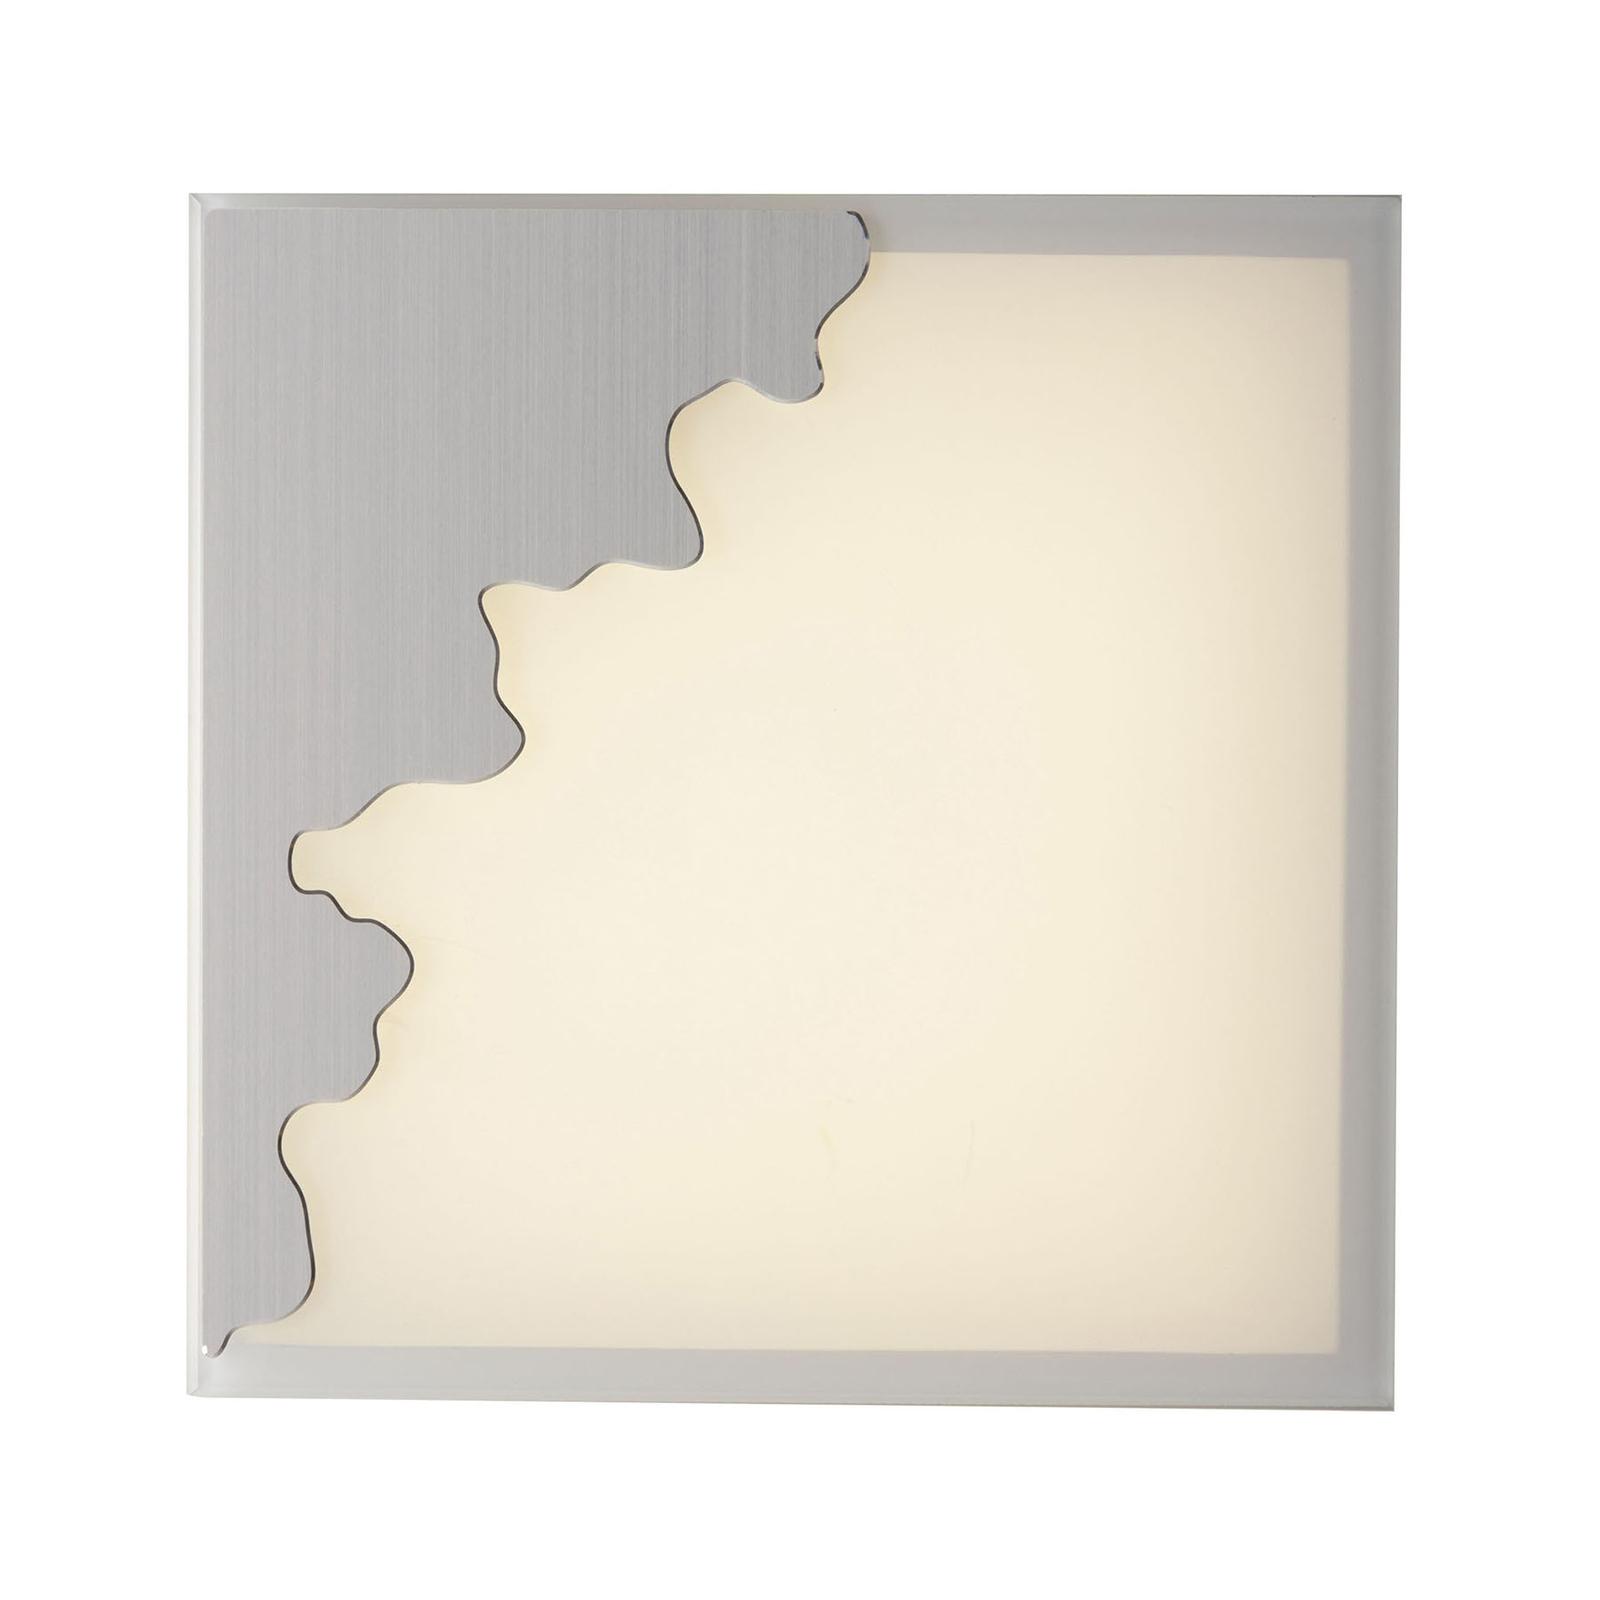 Vegglampe Chic, kantet, sølv/satinert, 25x25cm